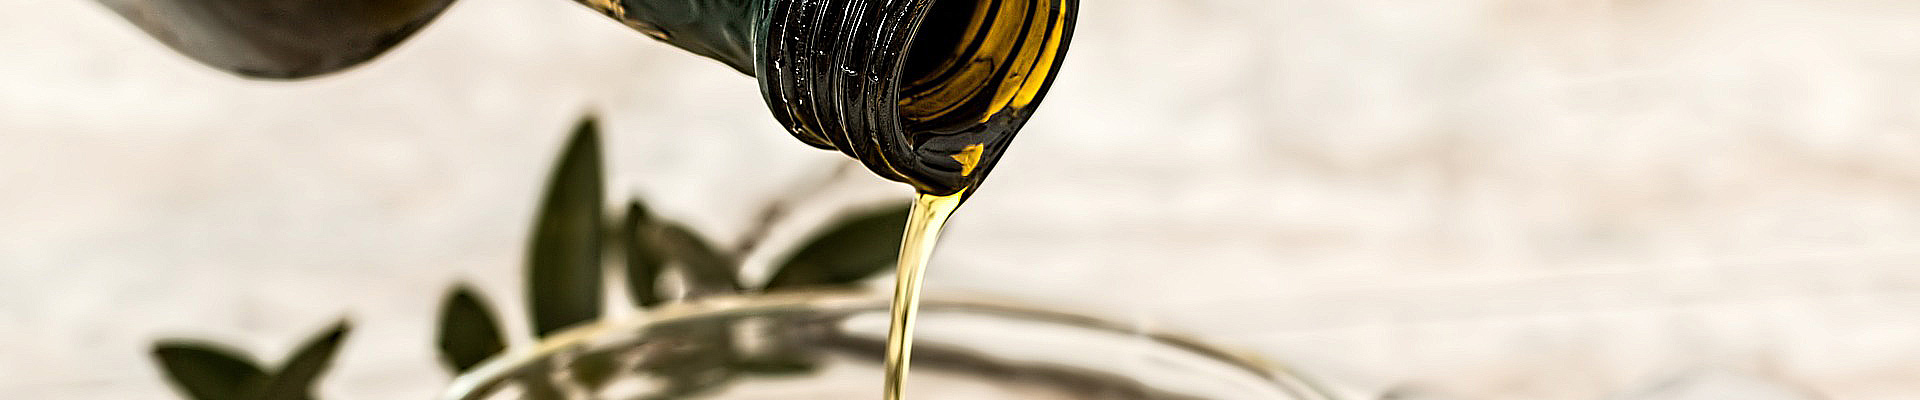 almasol-olivenölflasche-slider-2